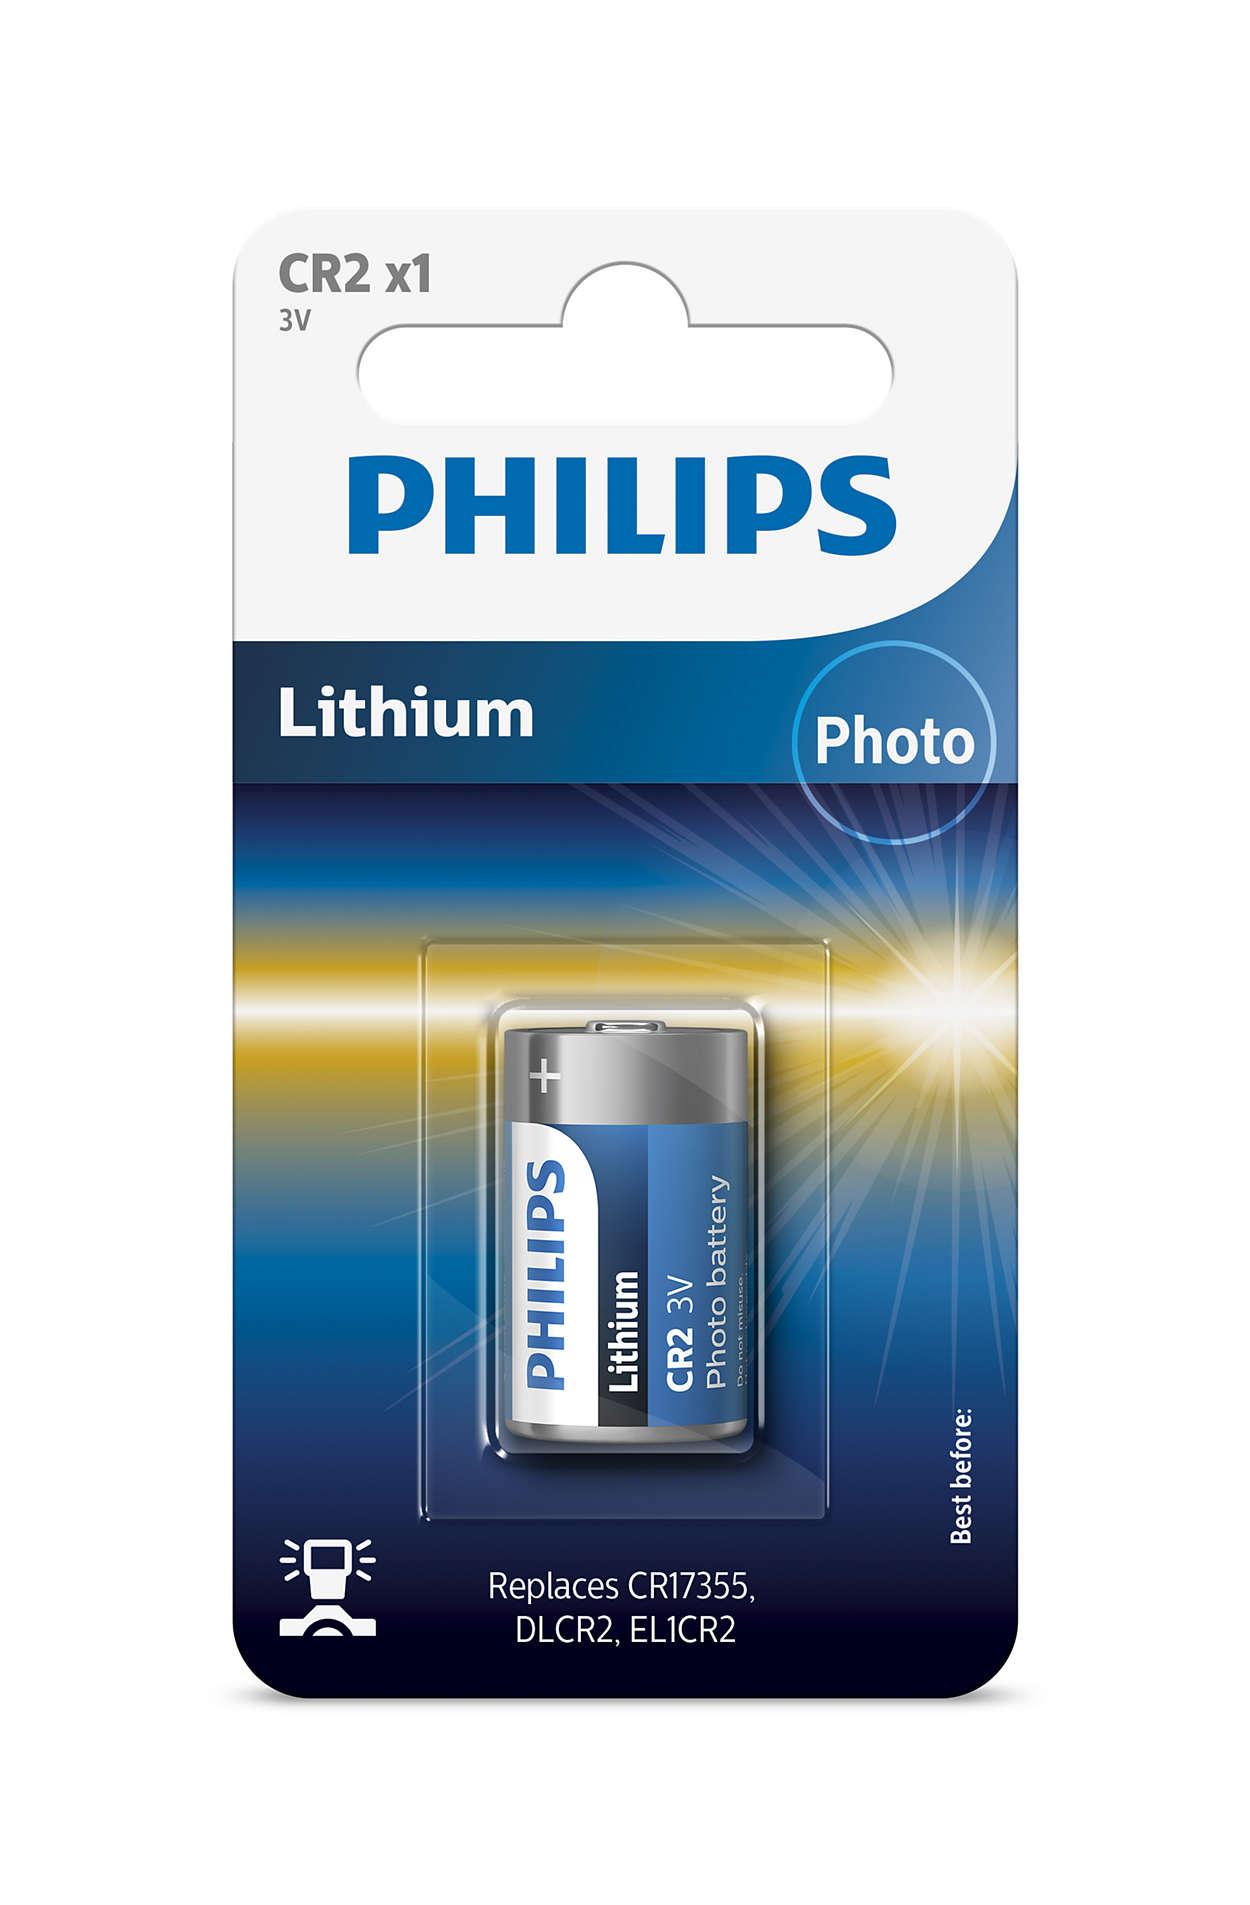 La qualità superiore della tecnologia al litio per le fotocamere